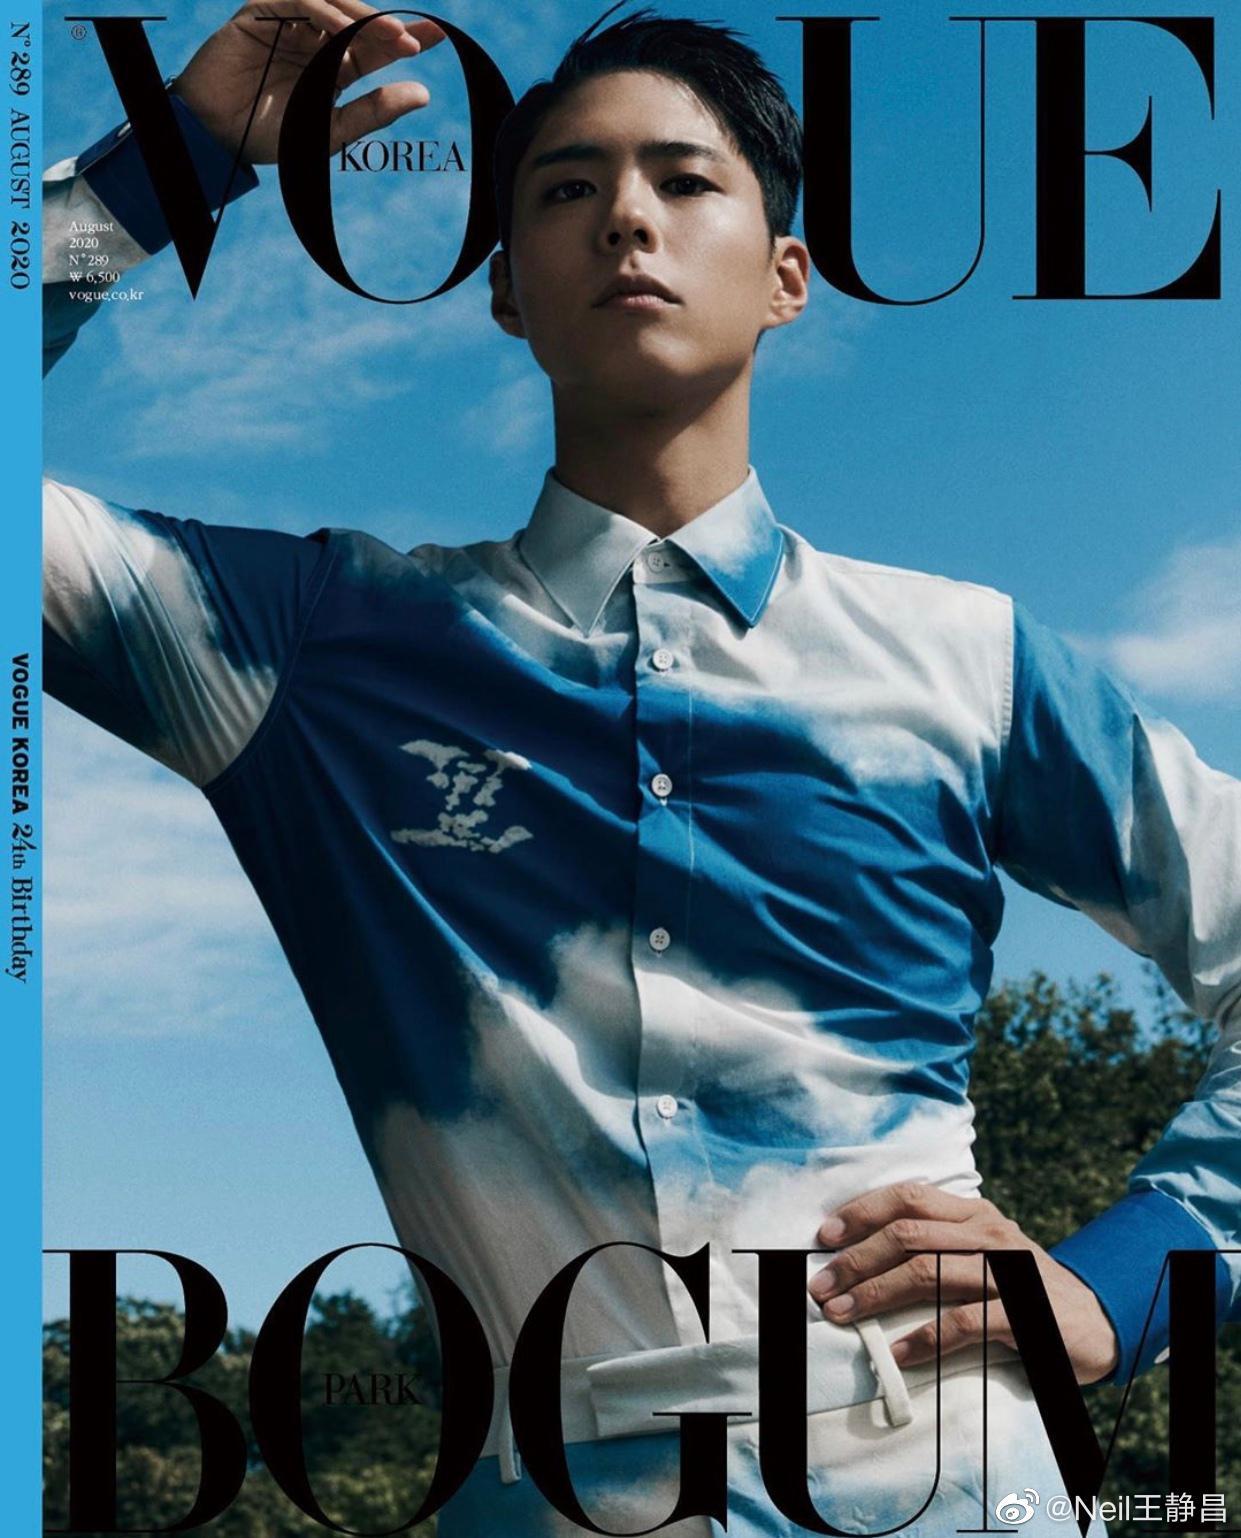 韩国版《Vogue》8月刊封面人物朴宝剑……